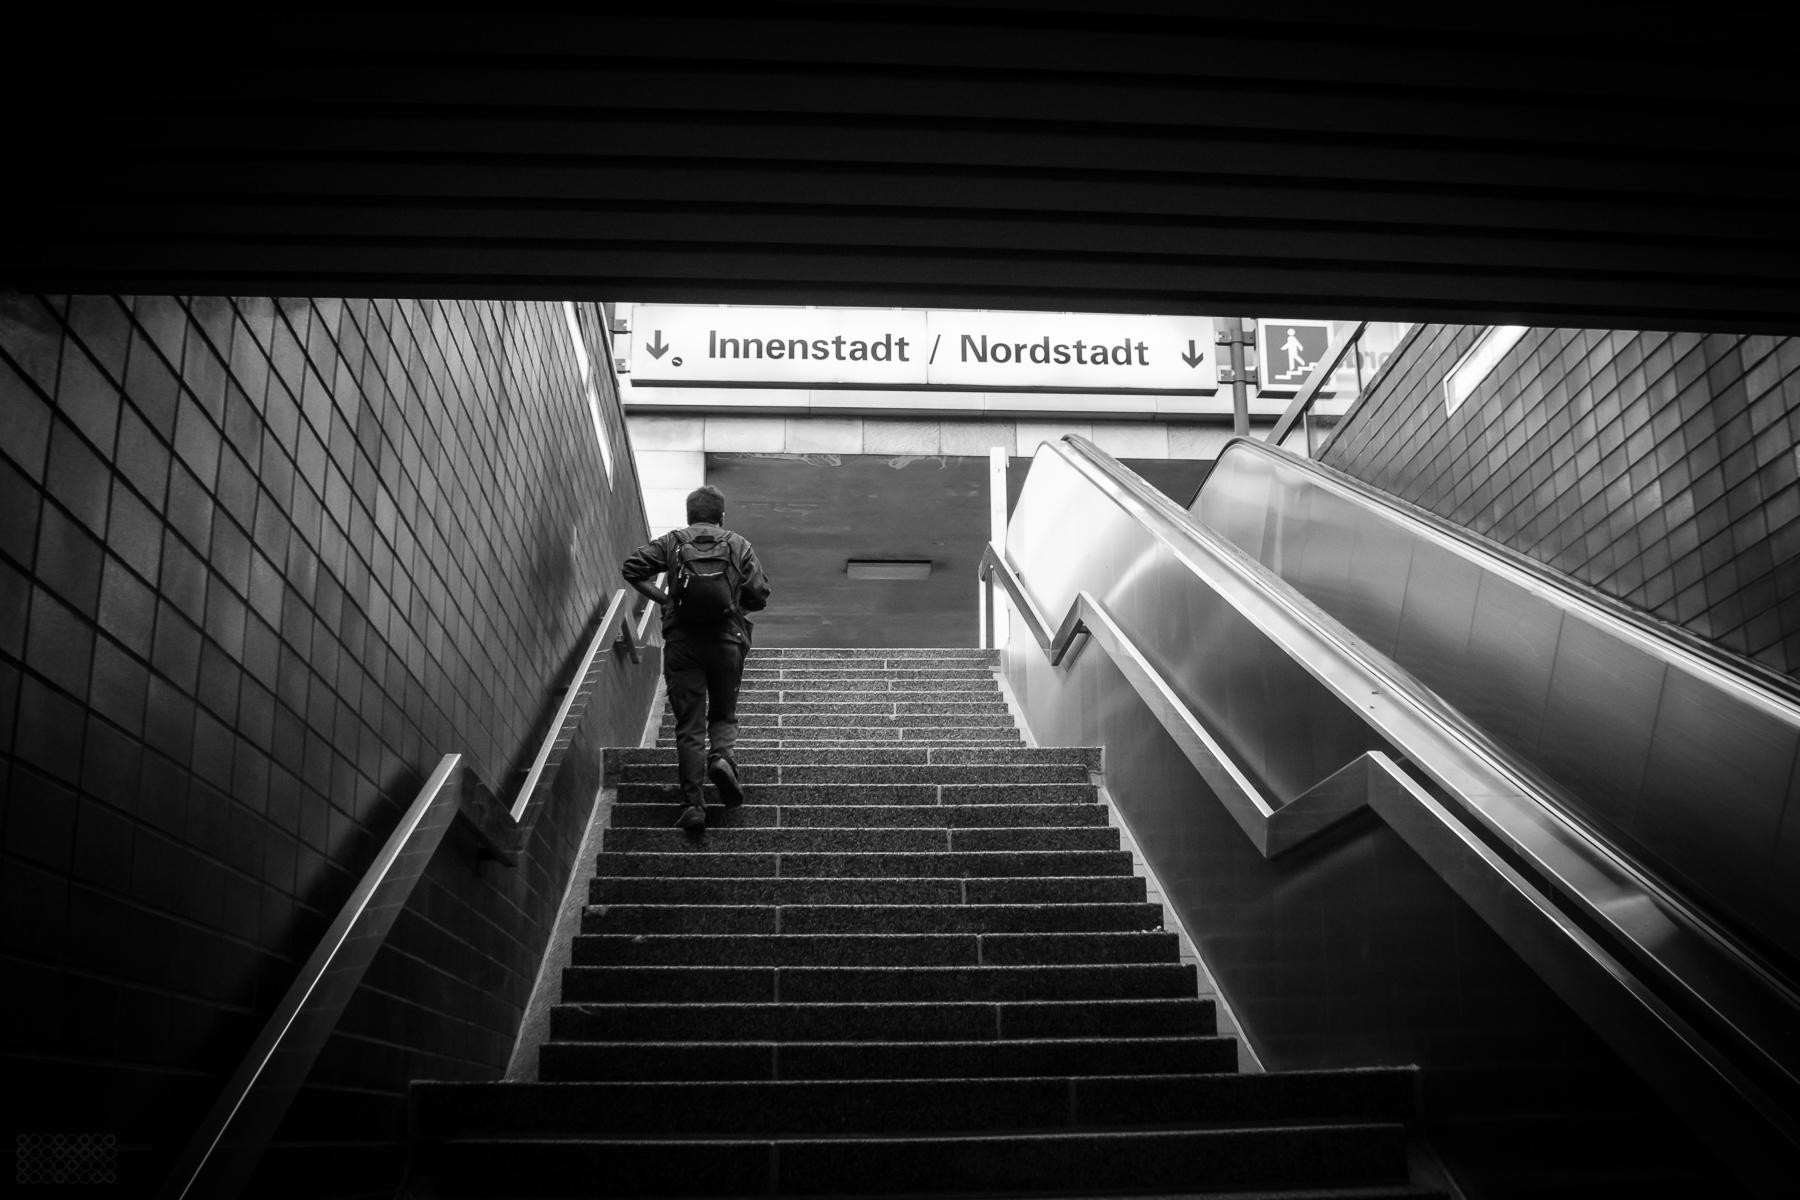 Main station Dortmund, Germany